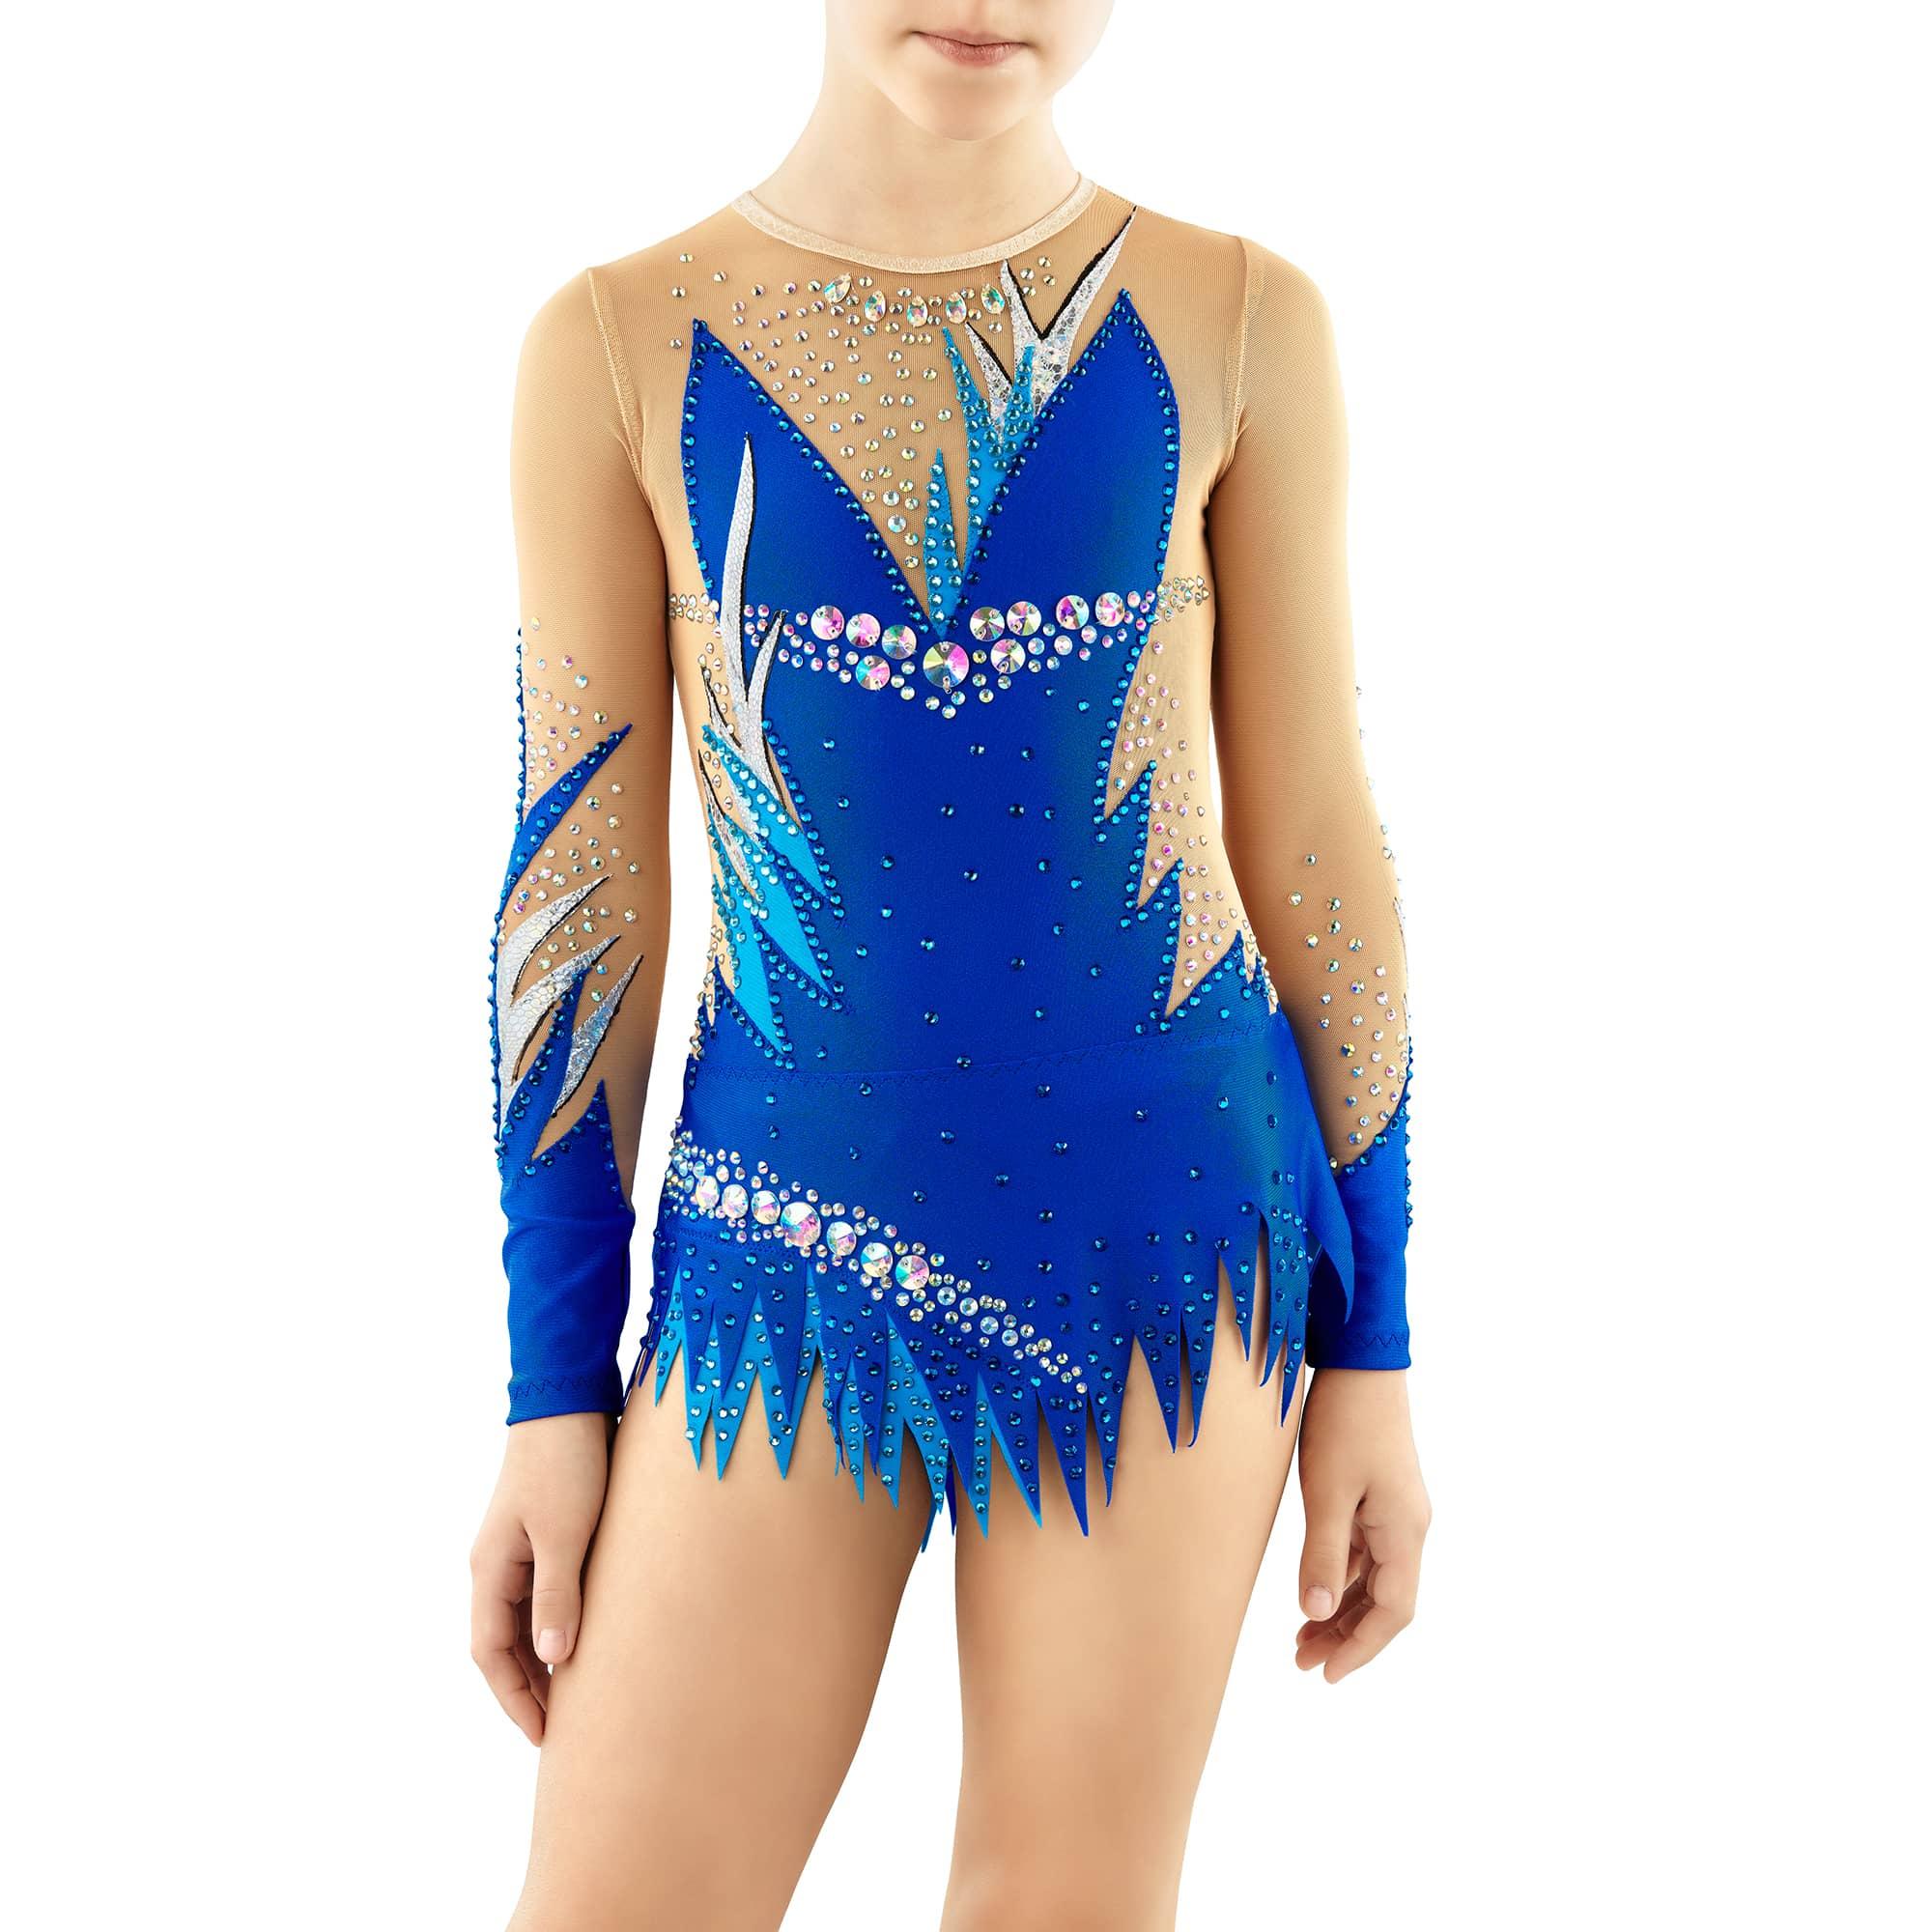 Royal blue, blue, silver, mesh Rhythmic Gymnastics Leotard 252 for competitions